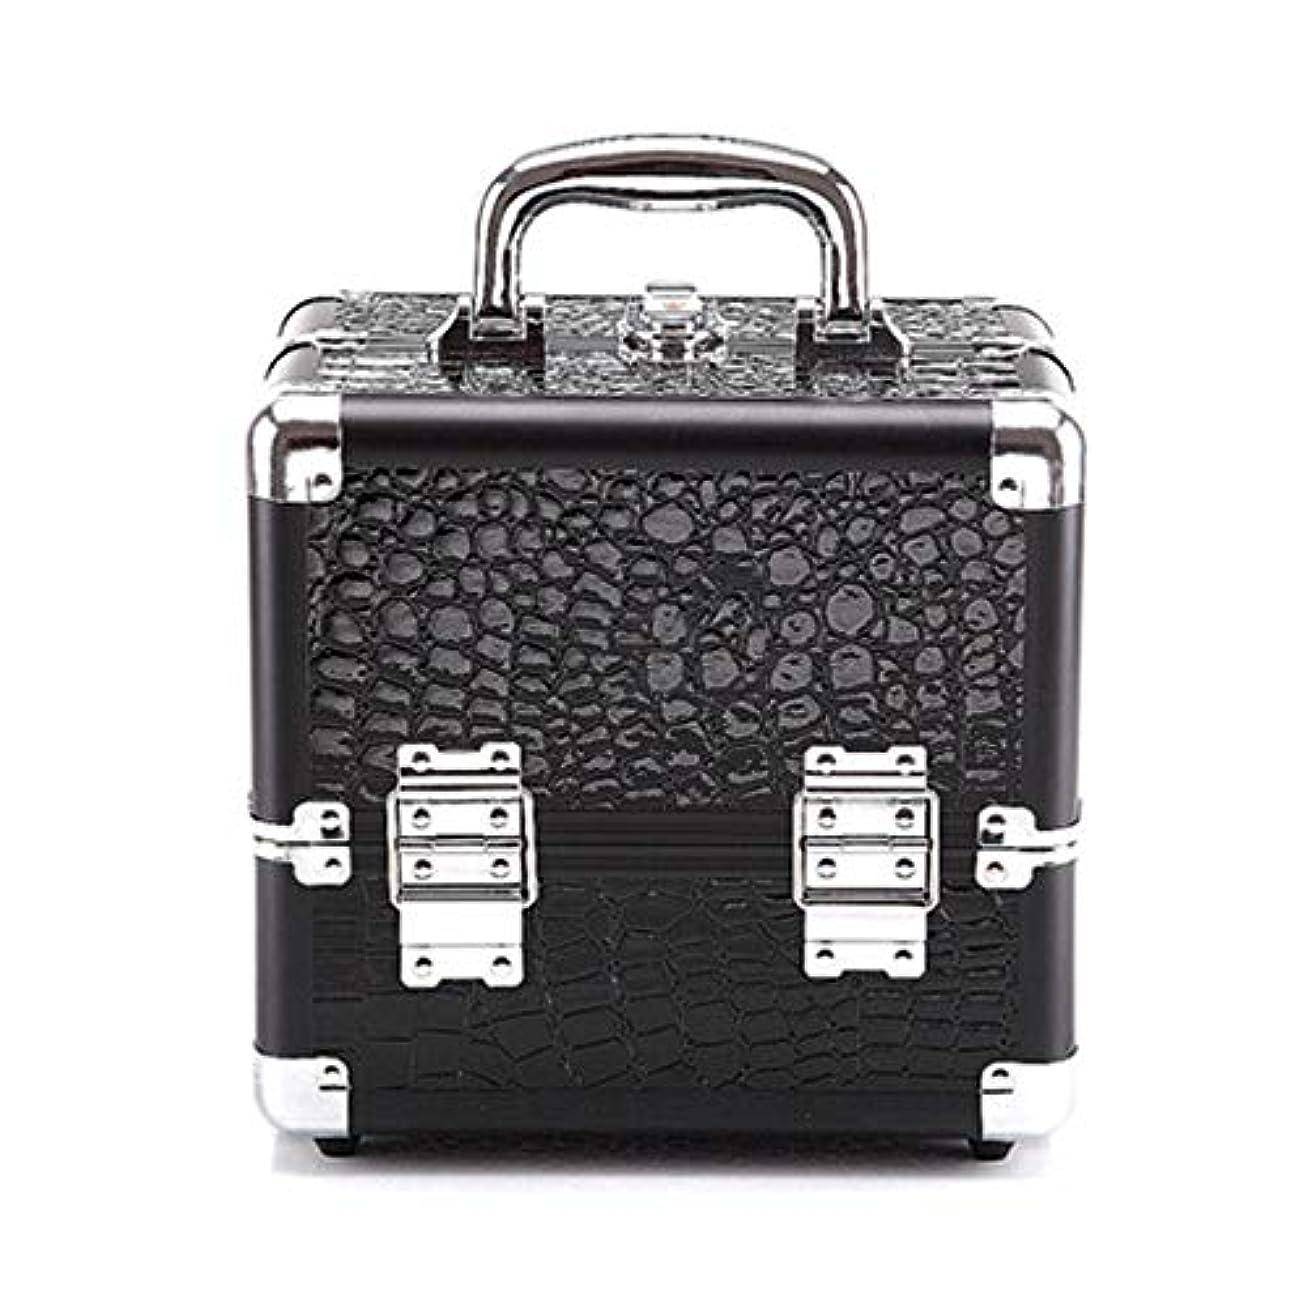 寛容移行する変更可能コスメボックス メイク用品収納 クロコダイルパターンストレージ美容ボックスメイクアップネイルジュエリー化粧品バニティケース 大容量 化粧品収納ボックス 収納ケース (色 : Black(S))